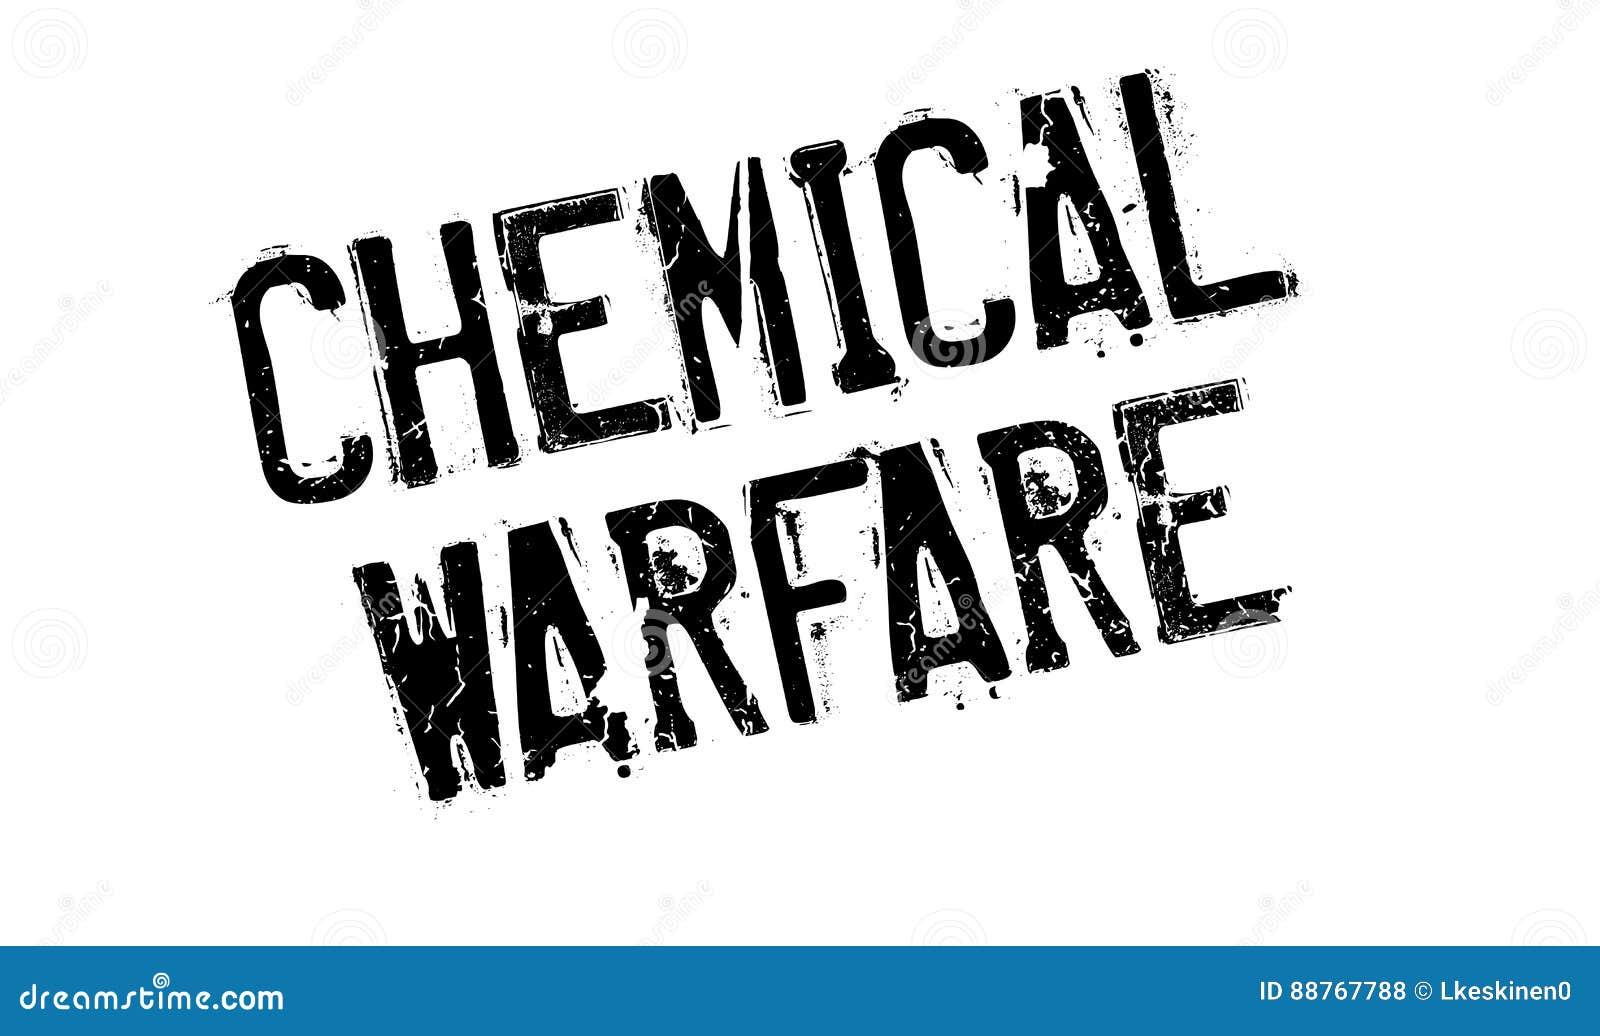 Usa for ett kemiskt krig